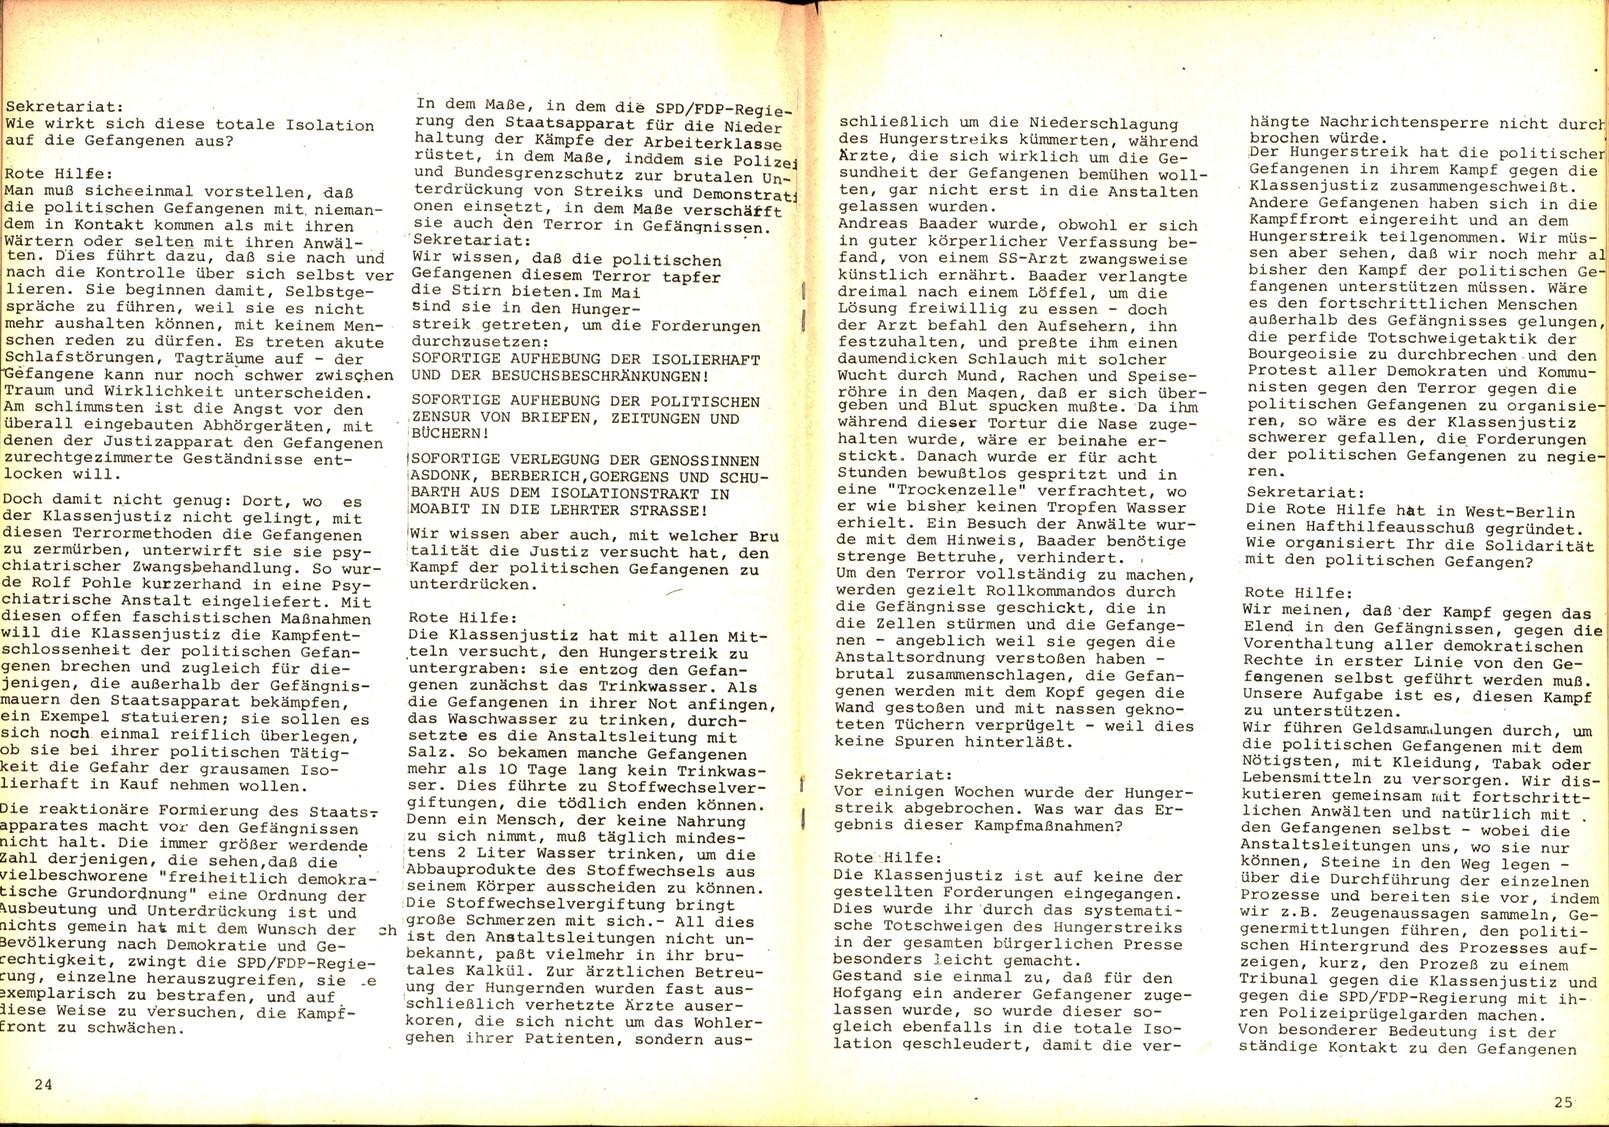 Komitee_Haende_weg_von_der_KPD_1973_Freiheit_fuer_Uli_Kranzusch_14